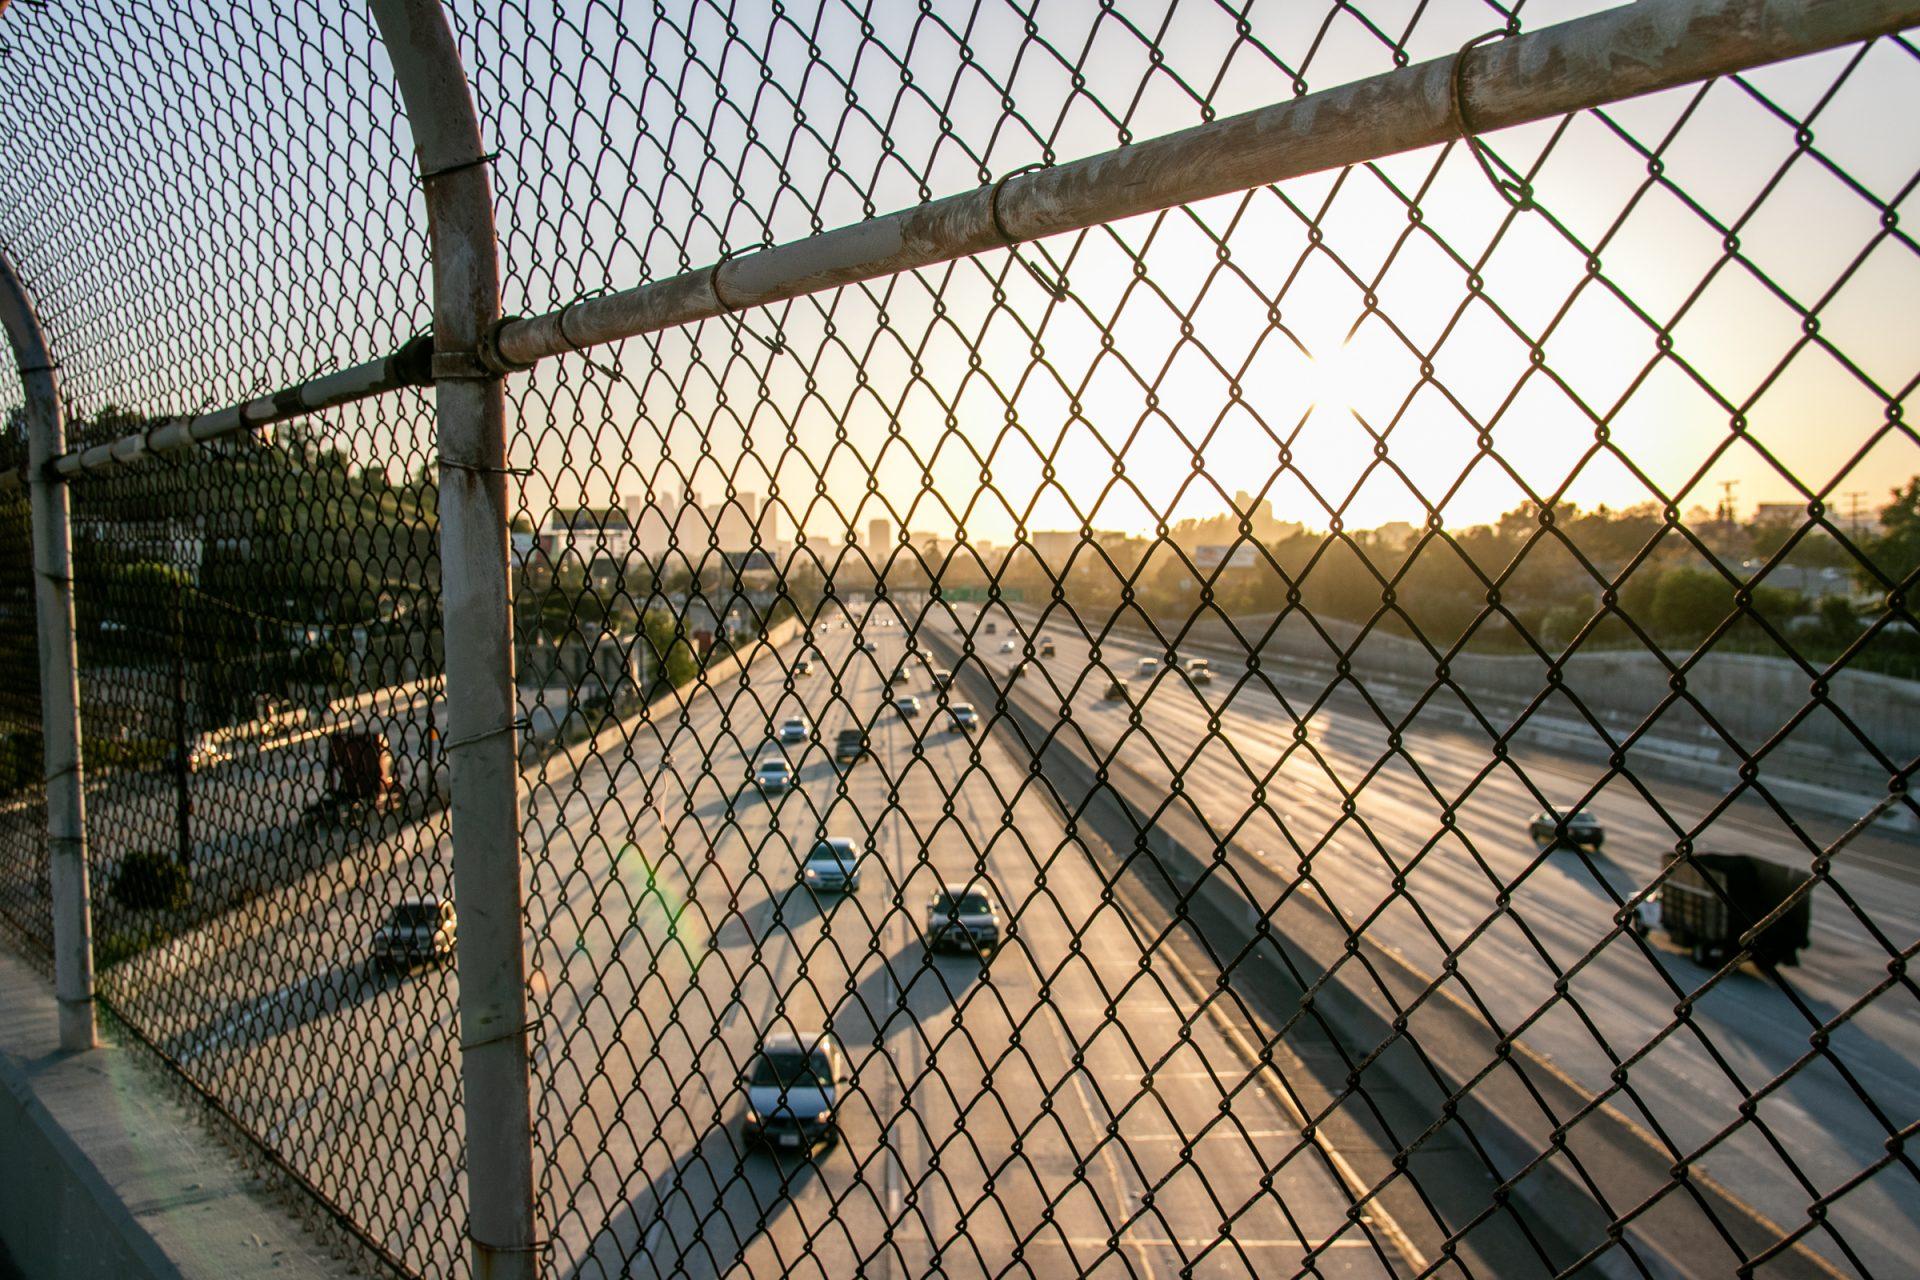 Traffic In Highway Through Bridge Wire Mesh